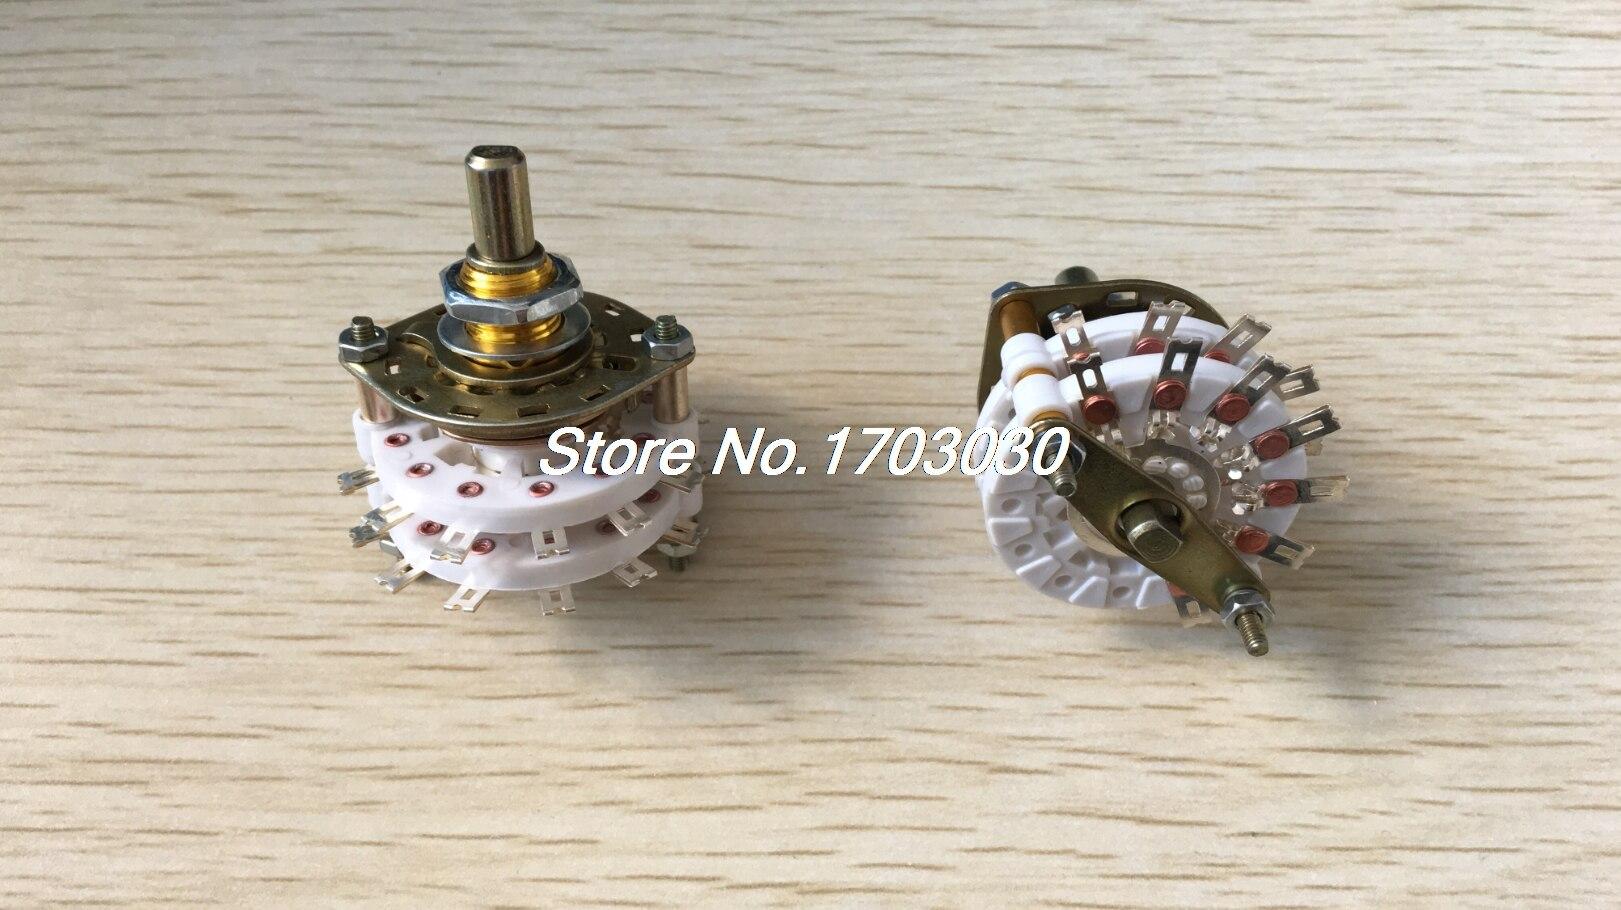 4PCS Band Channael Rotary Switch 2P6T 2 Pole 6 Position Dual Deck kcz3 6 3p6t 3 pole 6 position three decks band channael rotary switch